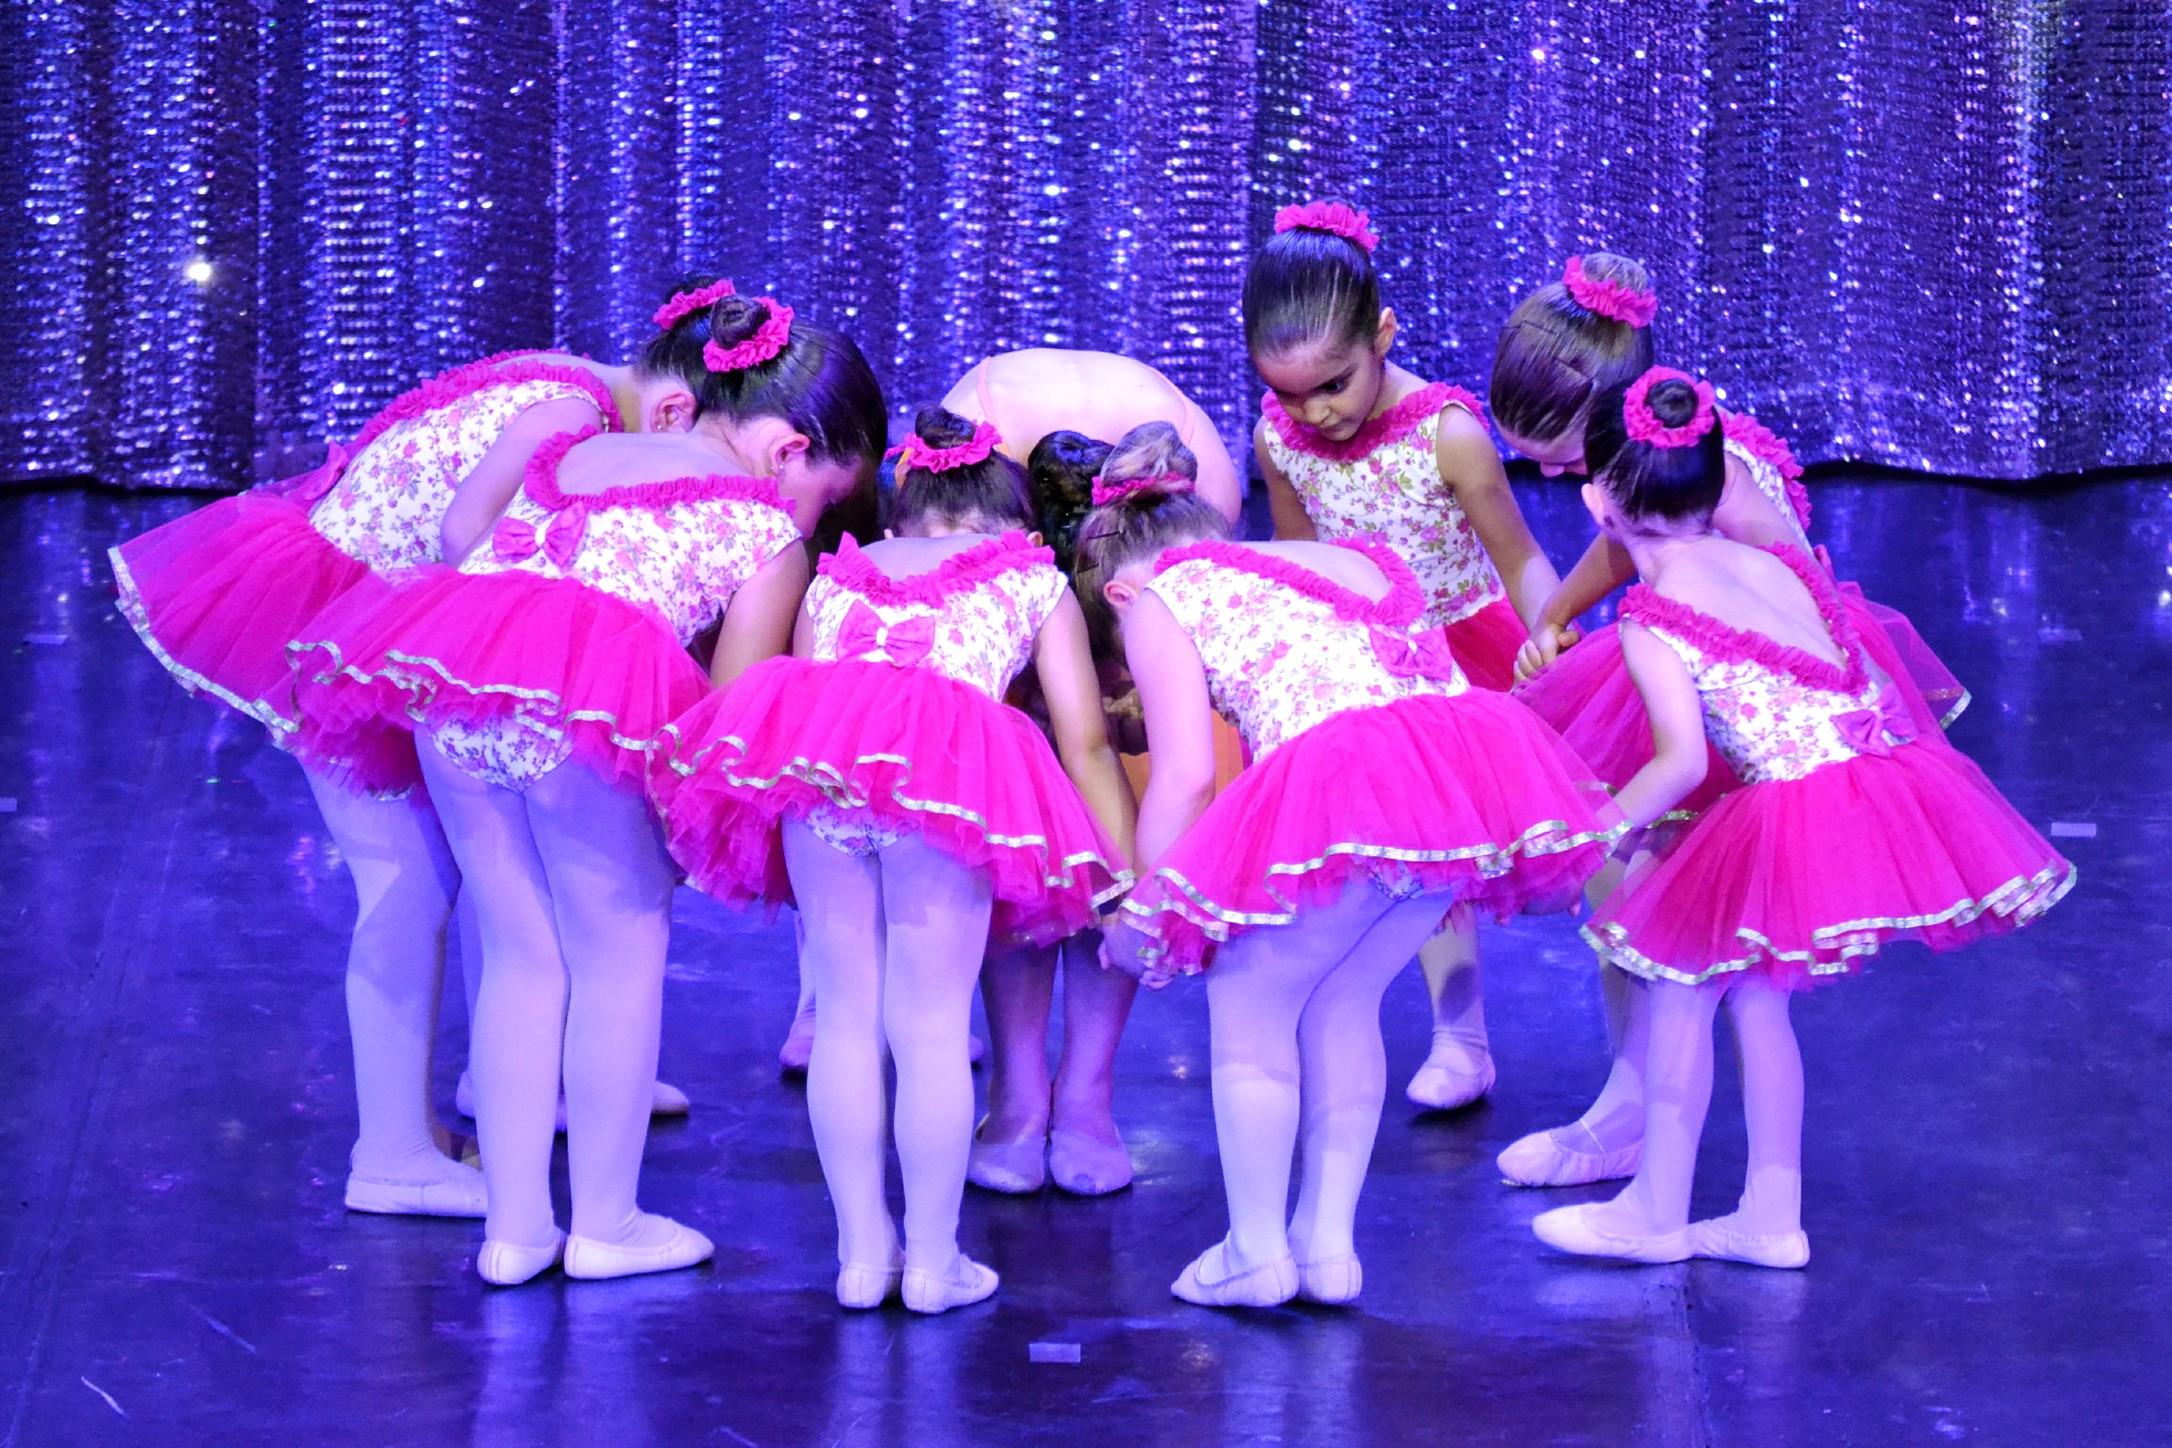 Linea-de-Baile-festival-verano-2015-clases-de-baile-valencia-50